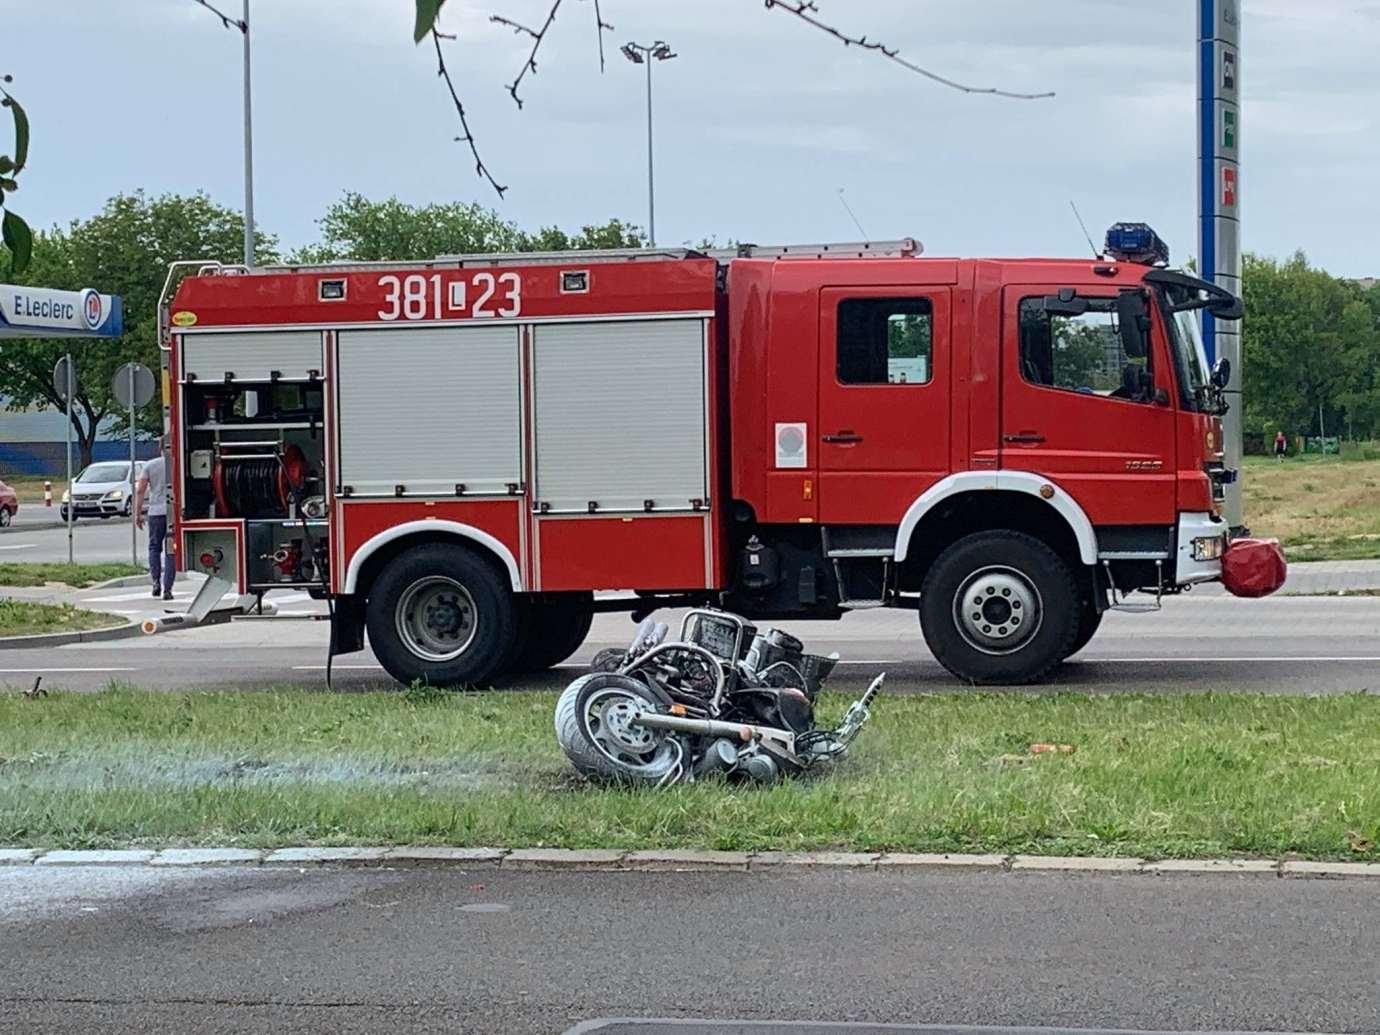 102699242 558204998401882 1875805997064380555 n Ku przestrodze publikujemy nagranie WIDEO z niedzielnego wypadku na Wyszyńskiego. Obejrzyjcie jako przestrogę.